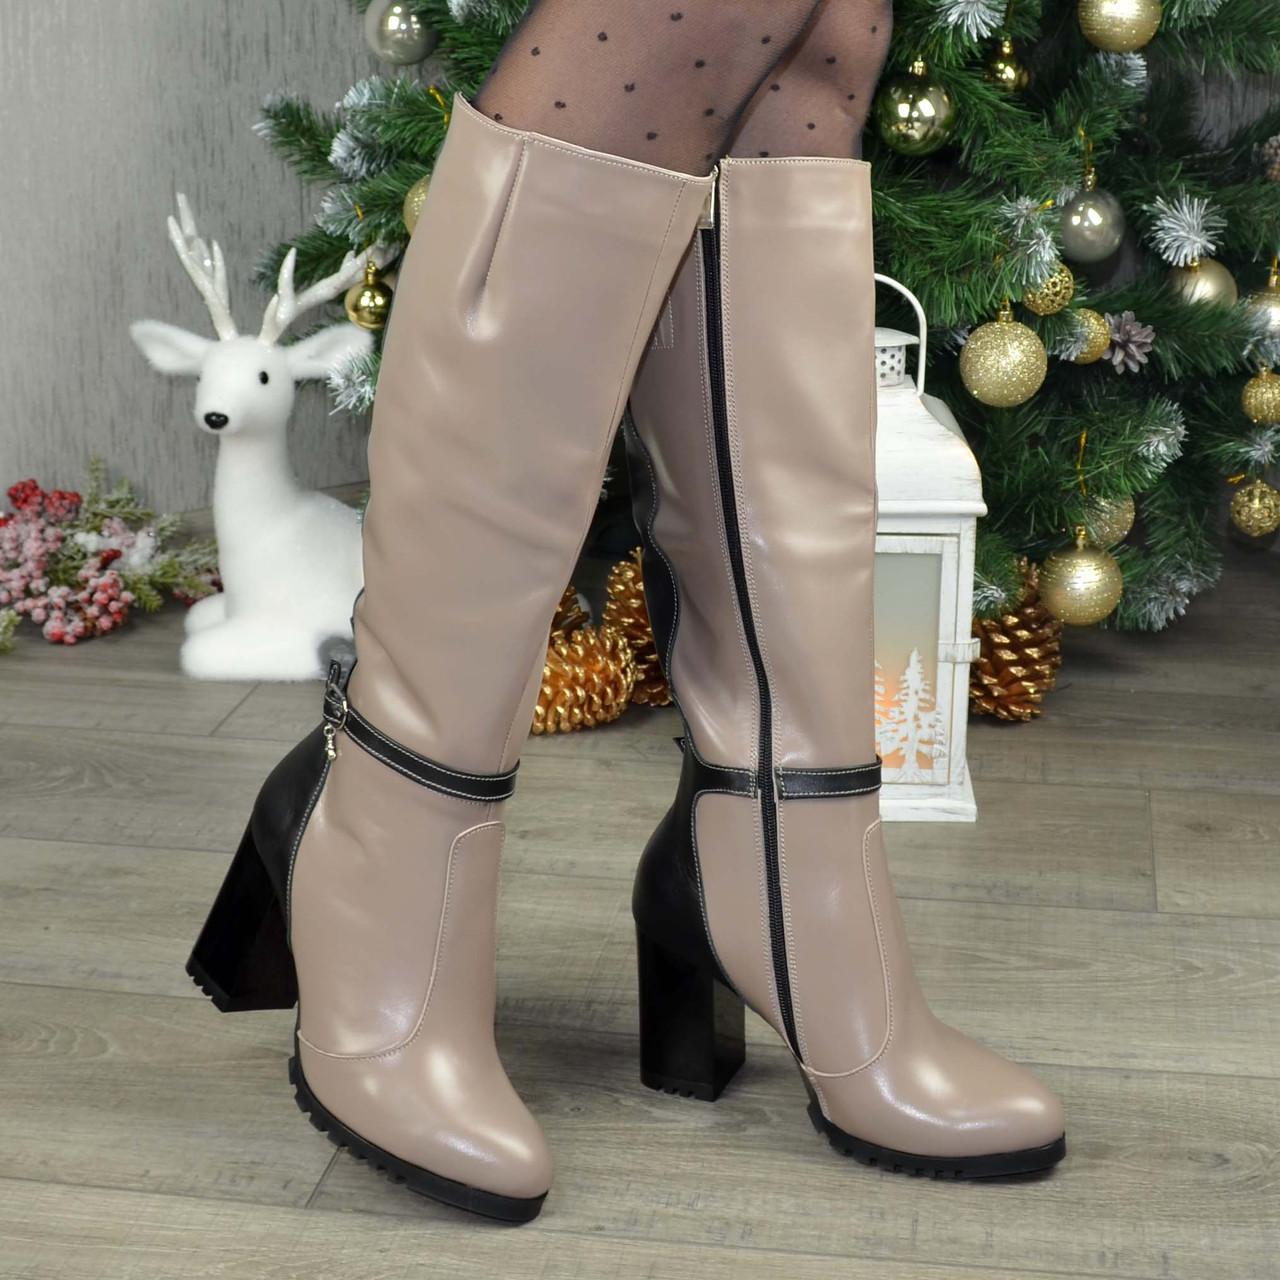 Жіночі чоботи на високому стійкому каблуці, декоровані ремінцем